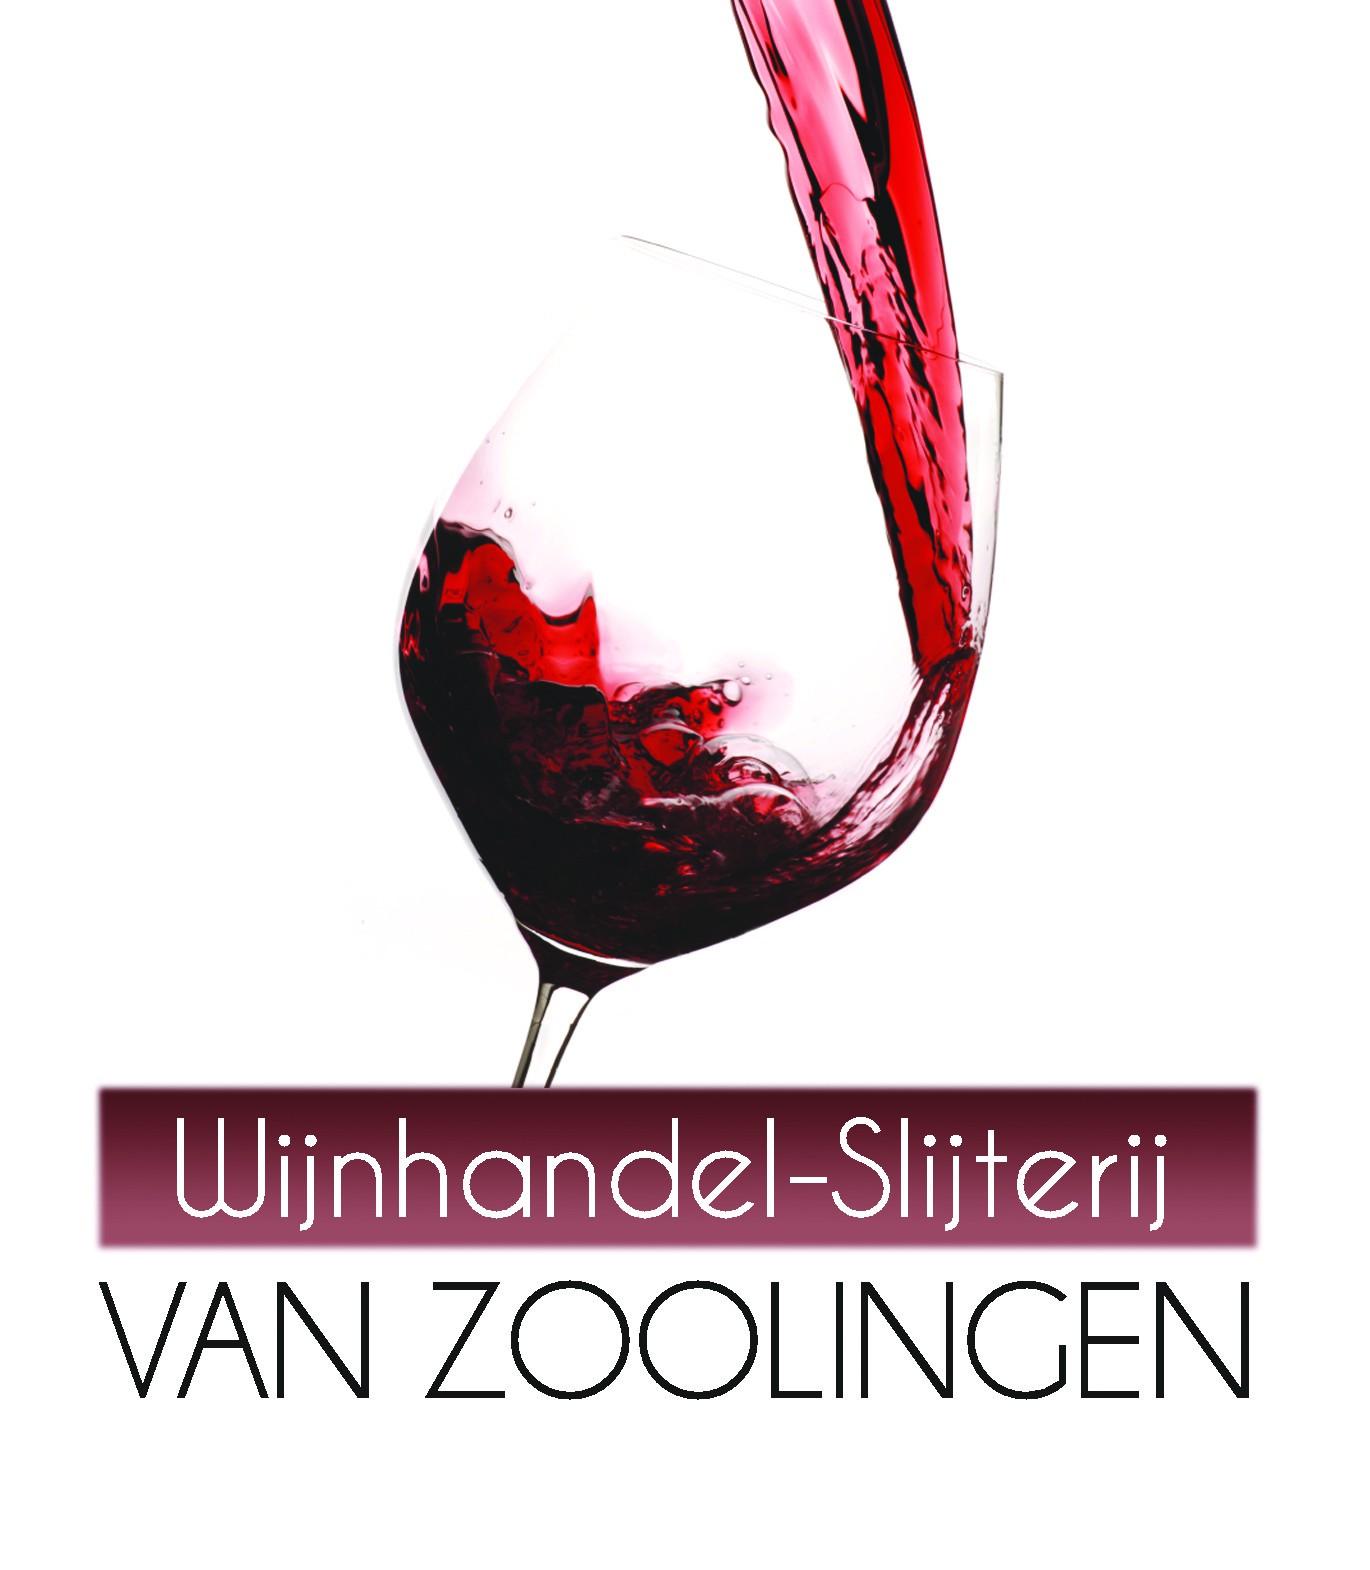 Wijnhandel & slijterij van Zoolingen